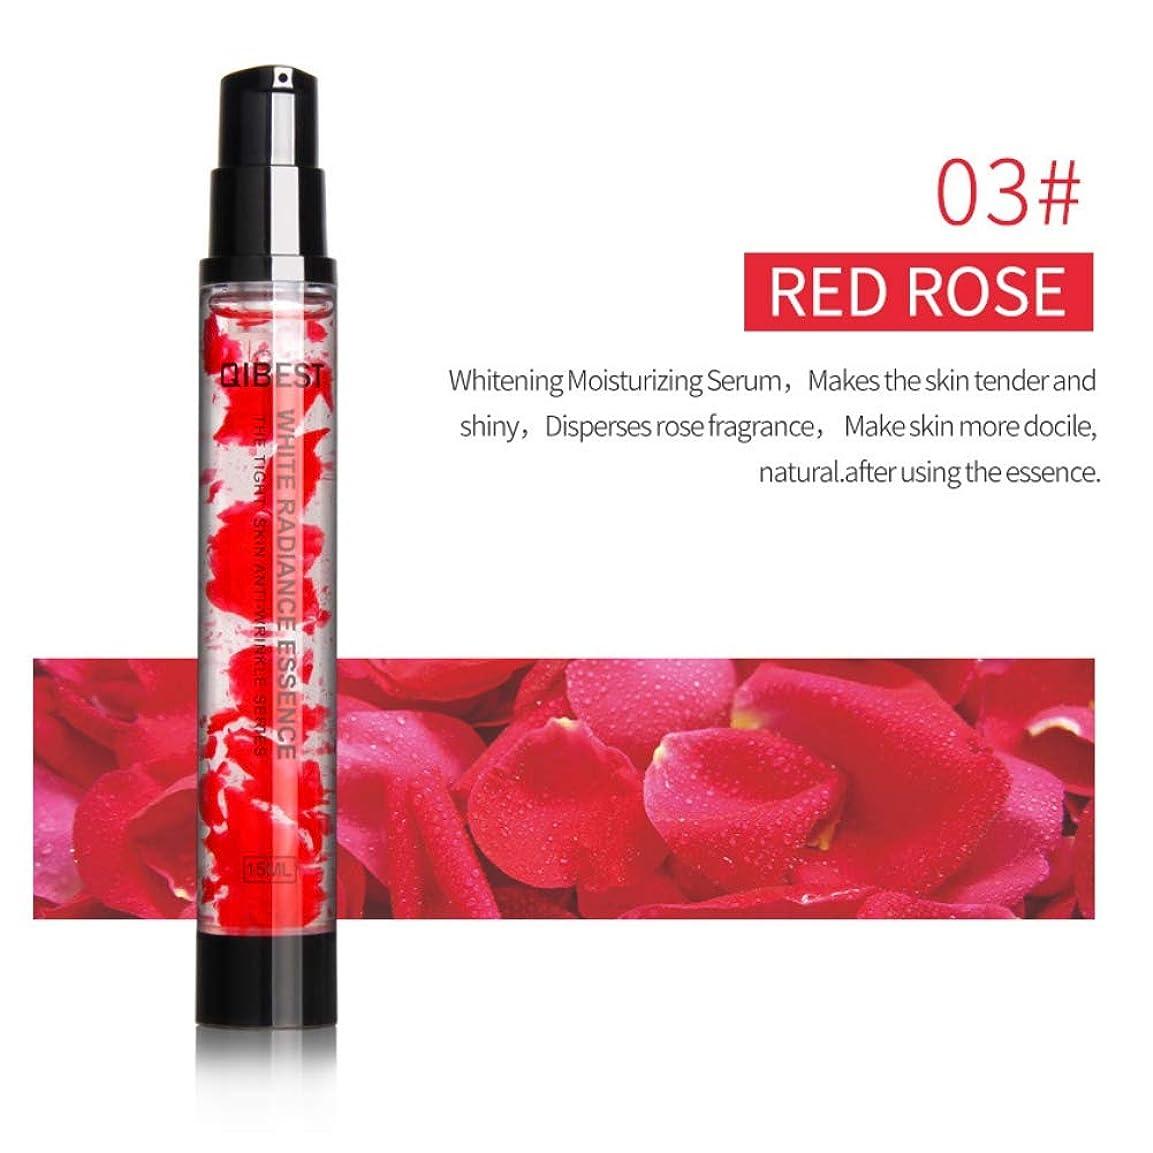 パトワ発音ログCutelove 美容液 セラム 保湿効果 肌を明るく、柔らかく ローズの香り 【レッド】